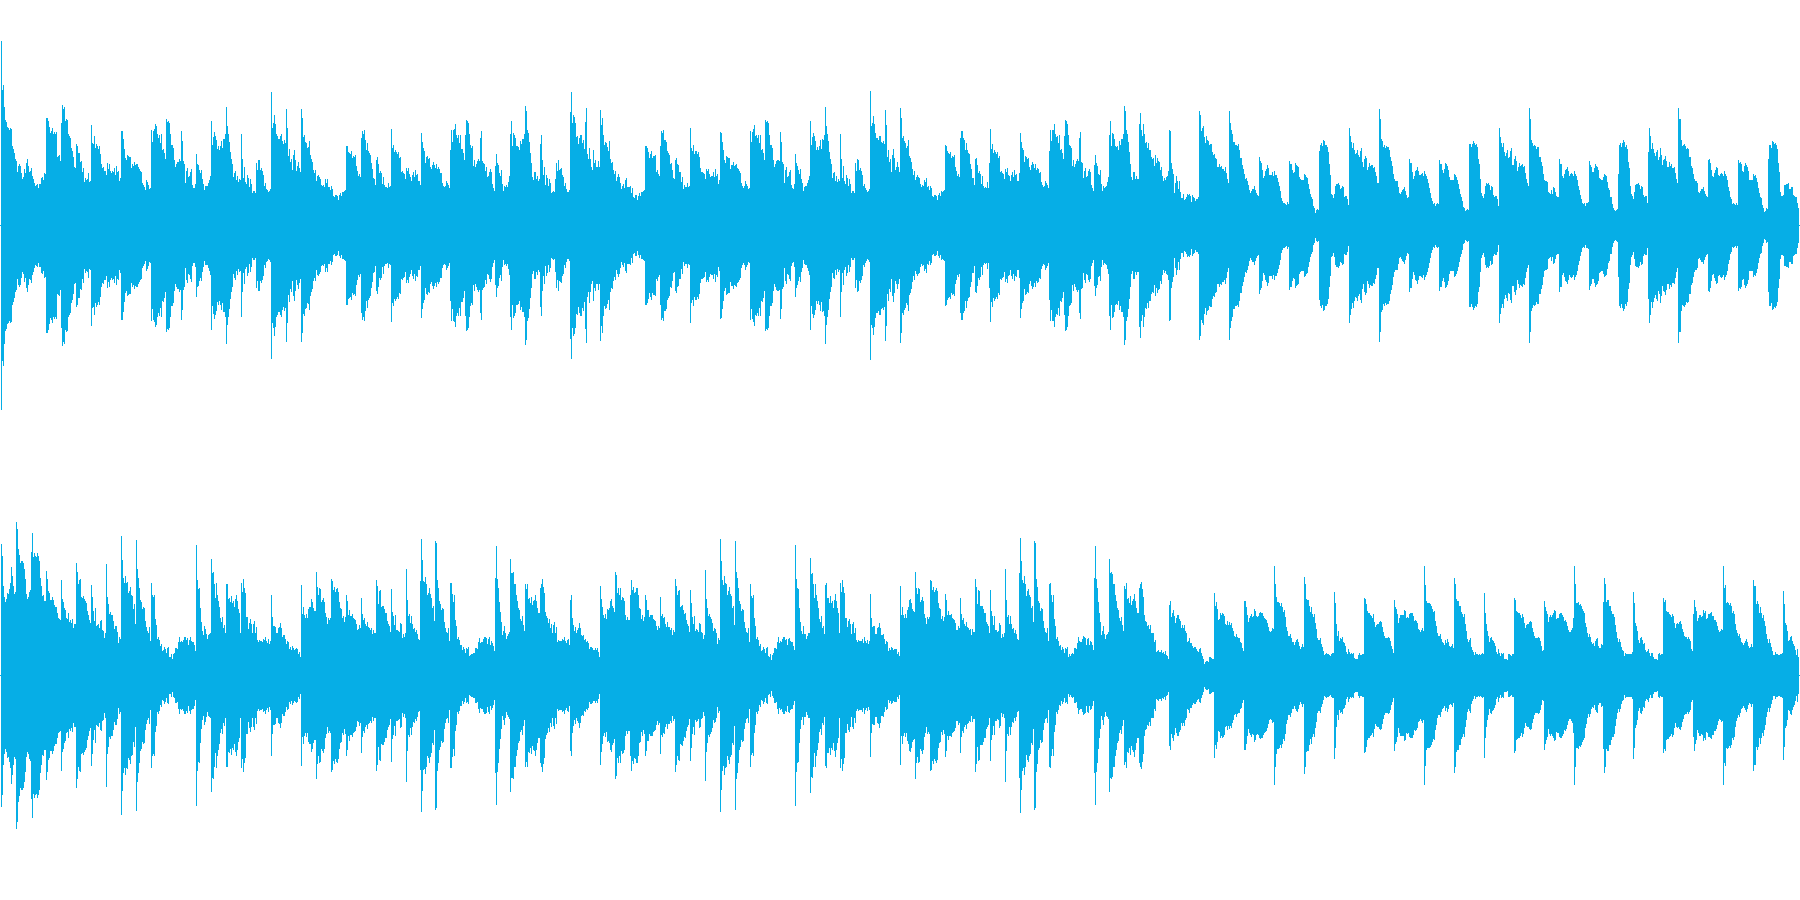 奇妙なオルゴールが響く怖いBGMループの再生済みの波形